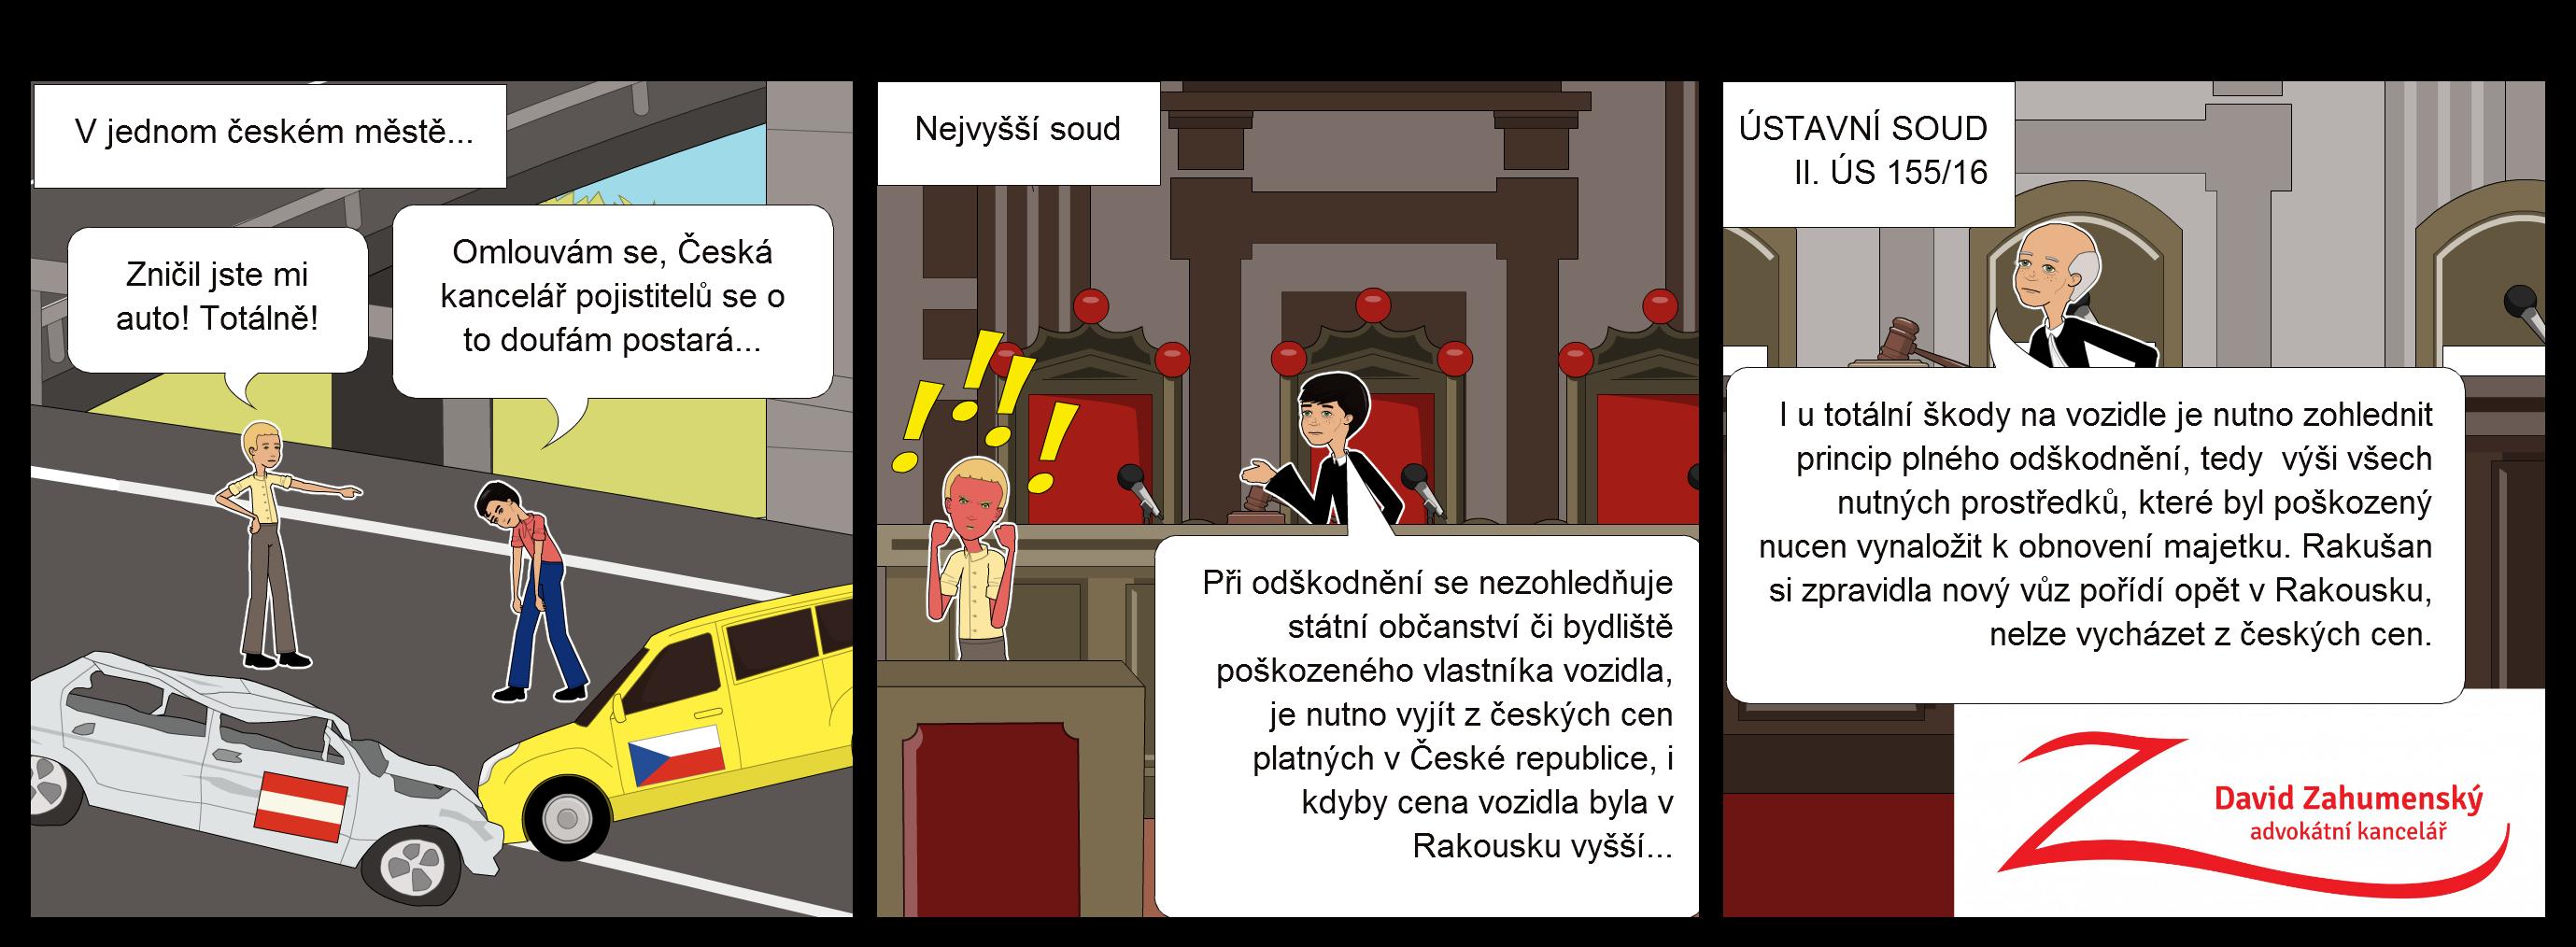 nález Ústavního soudu sp. zn. II. ÚS 155/16